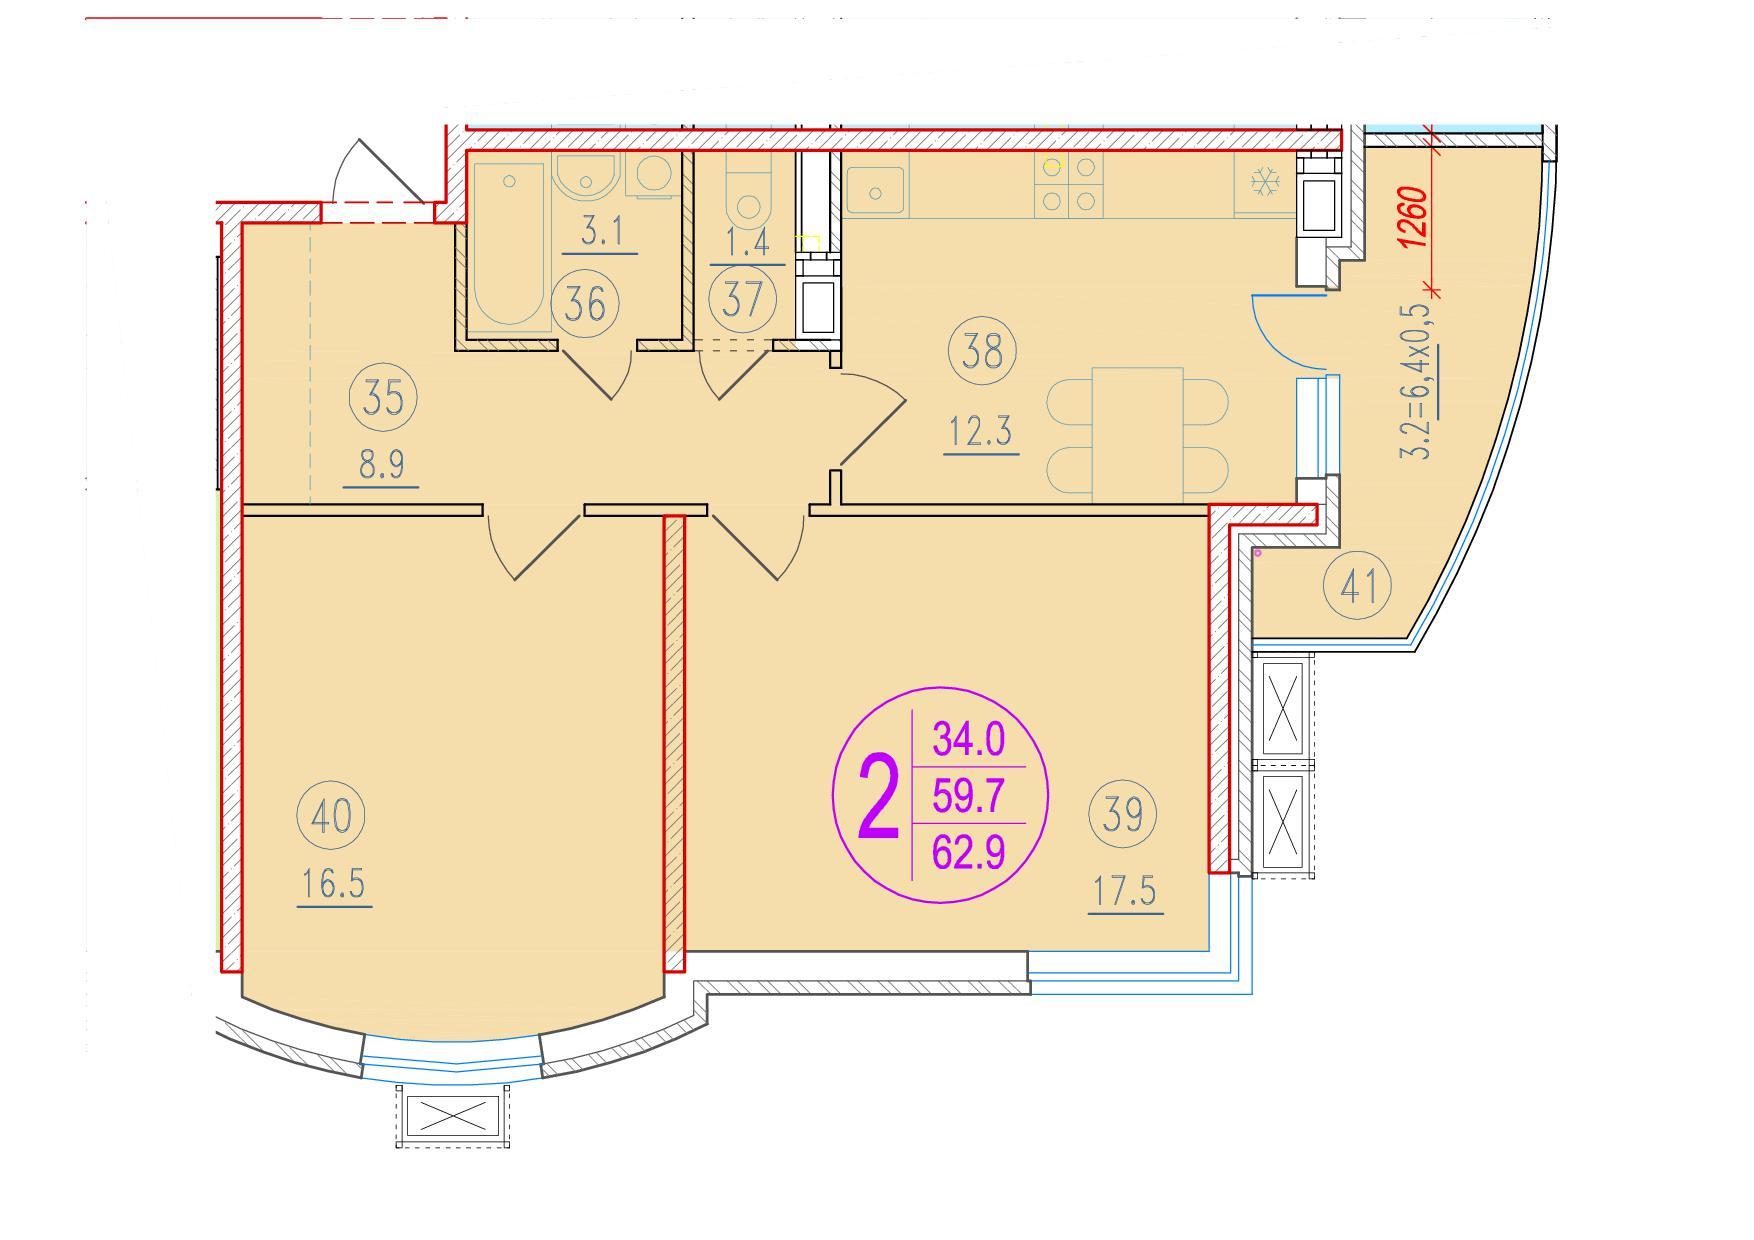 2-комнатная 62.9<span>м<sup>2</sup></span>